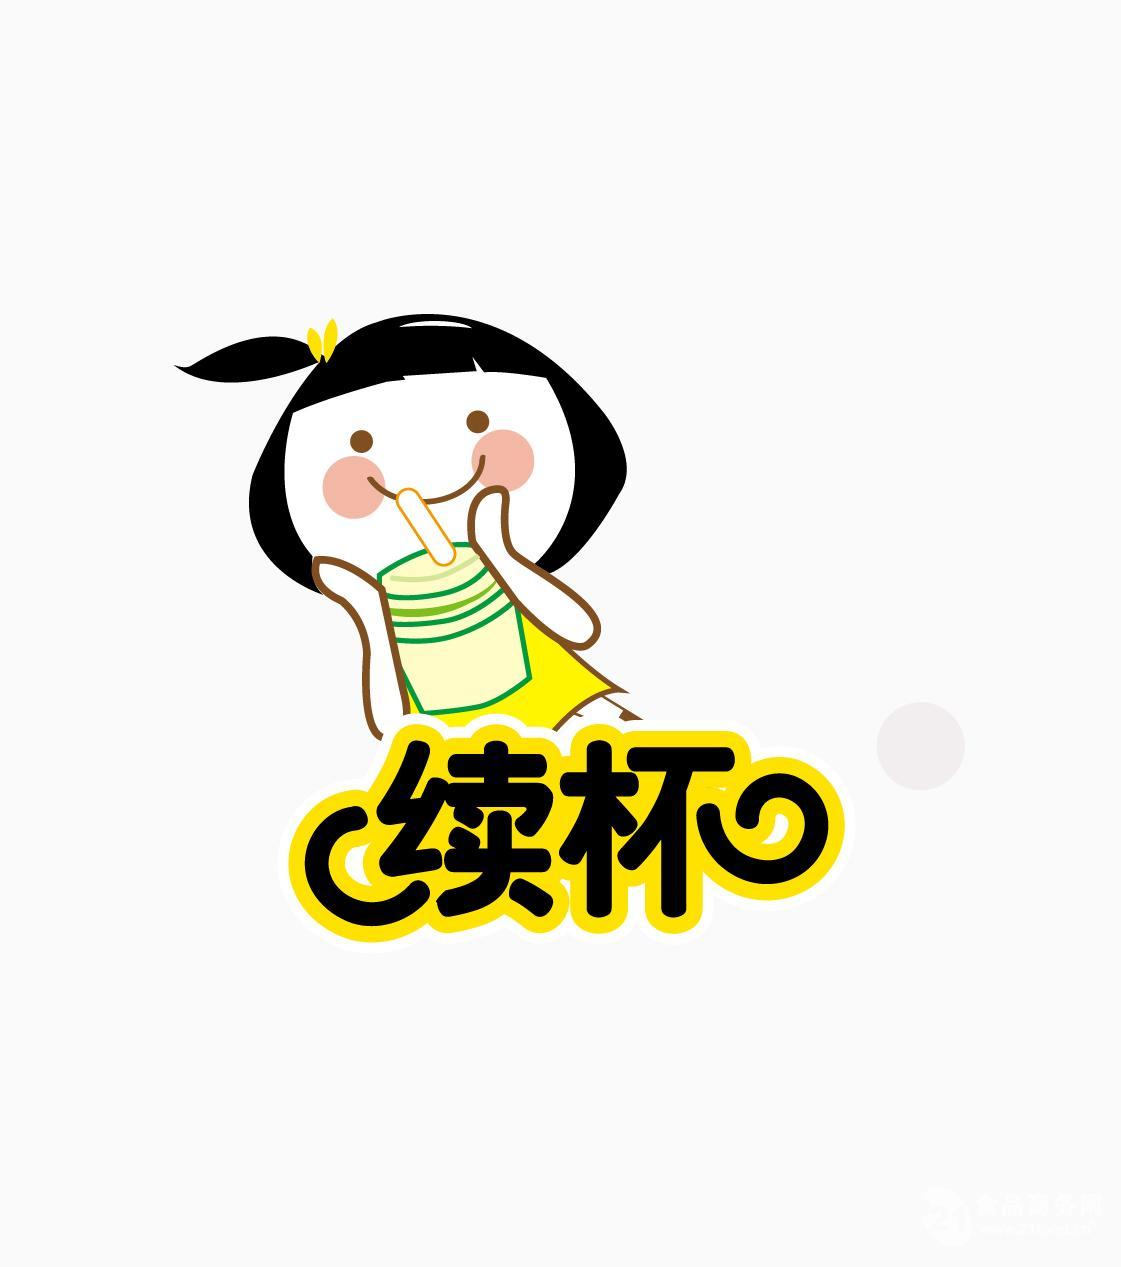 可爱熊猫头像与柠檬